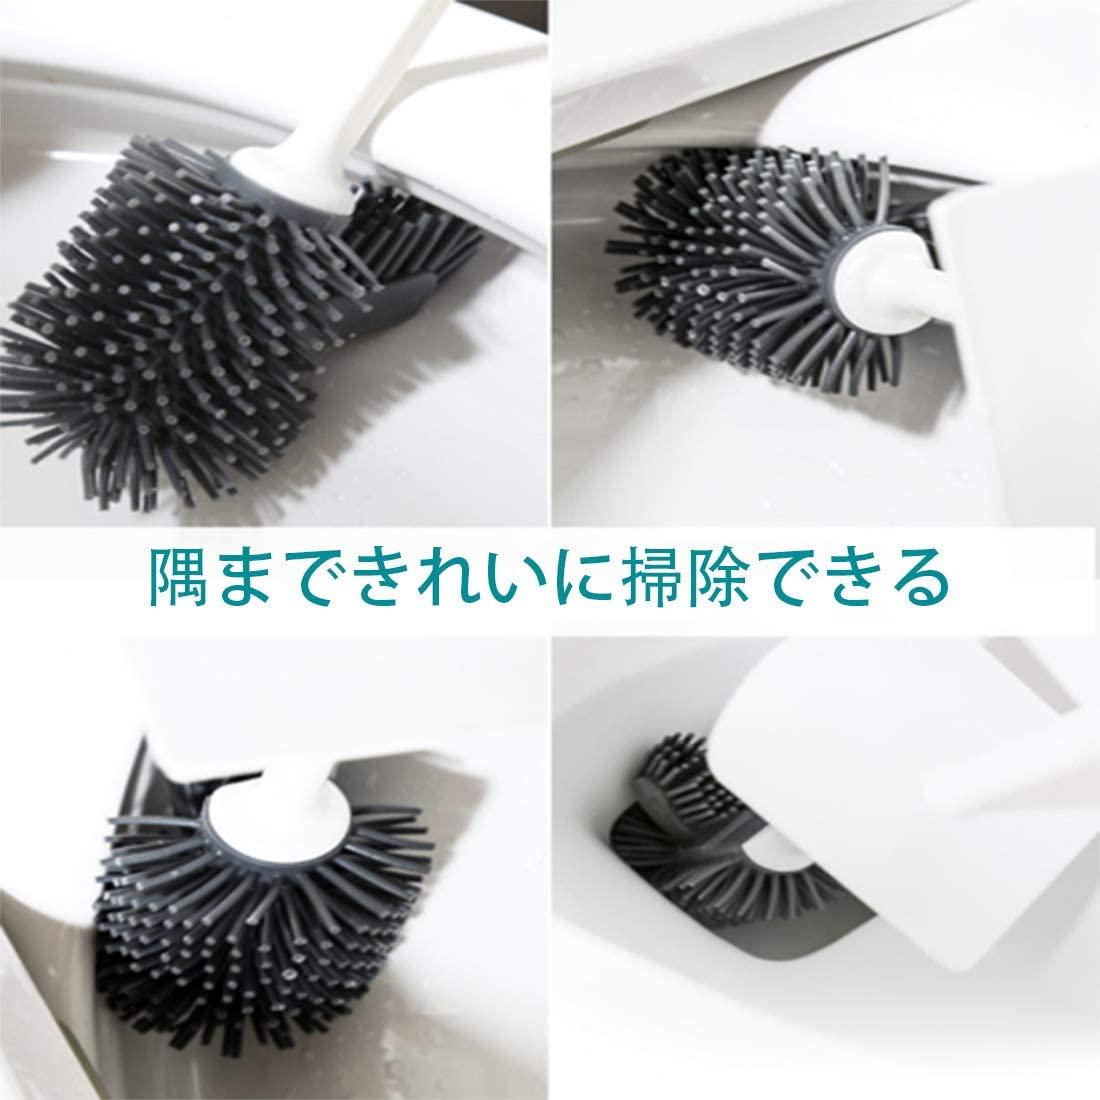 Kimitech(キミテック) トイレ ブラシ ケース付きの商品画像4